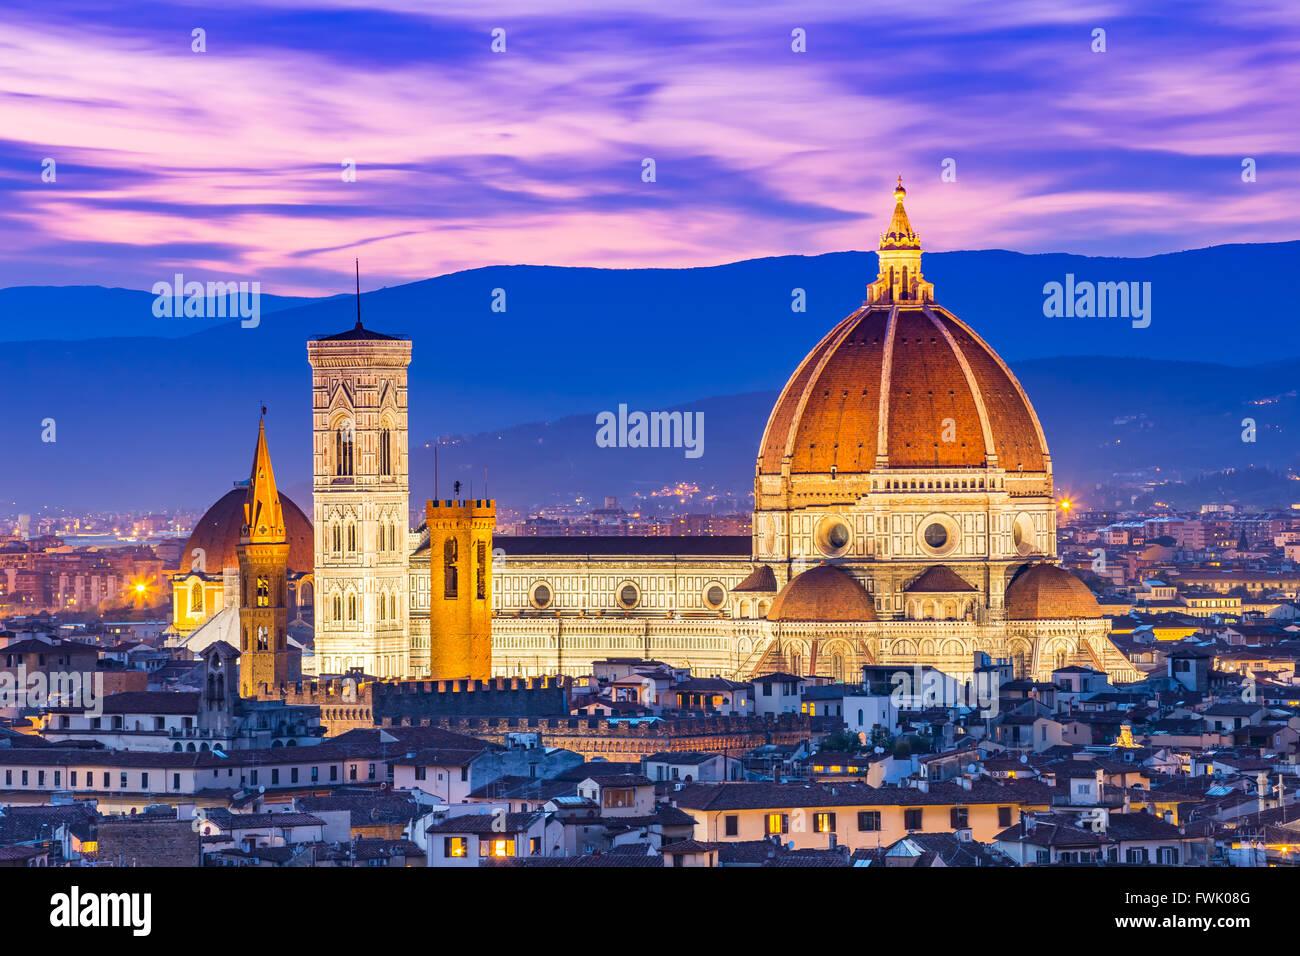 Duomo Florence at night. - Stock Image